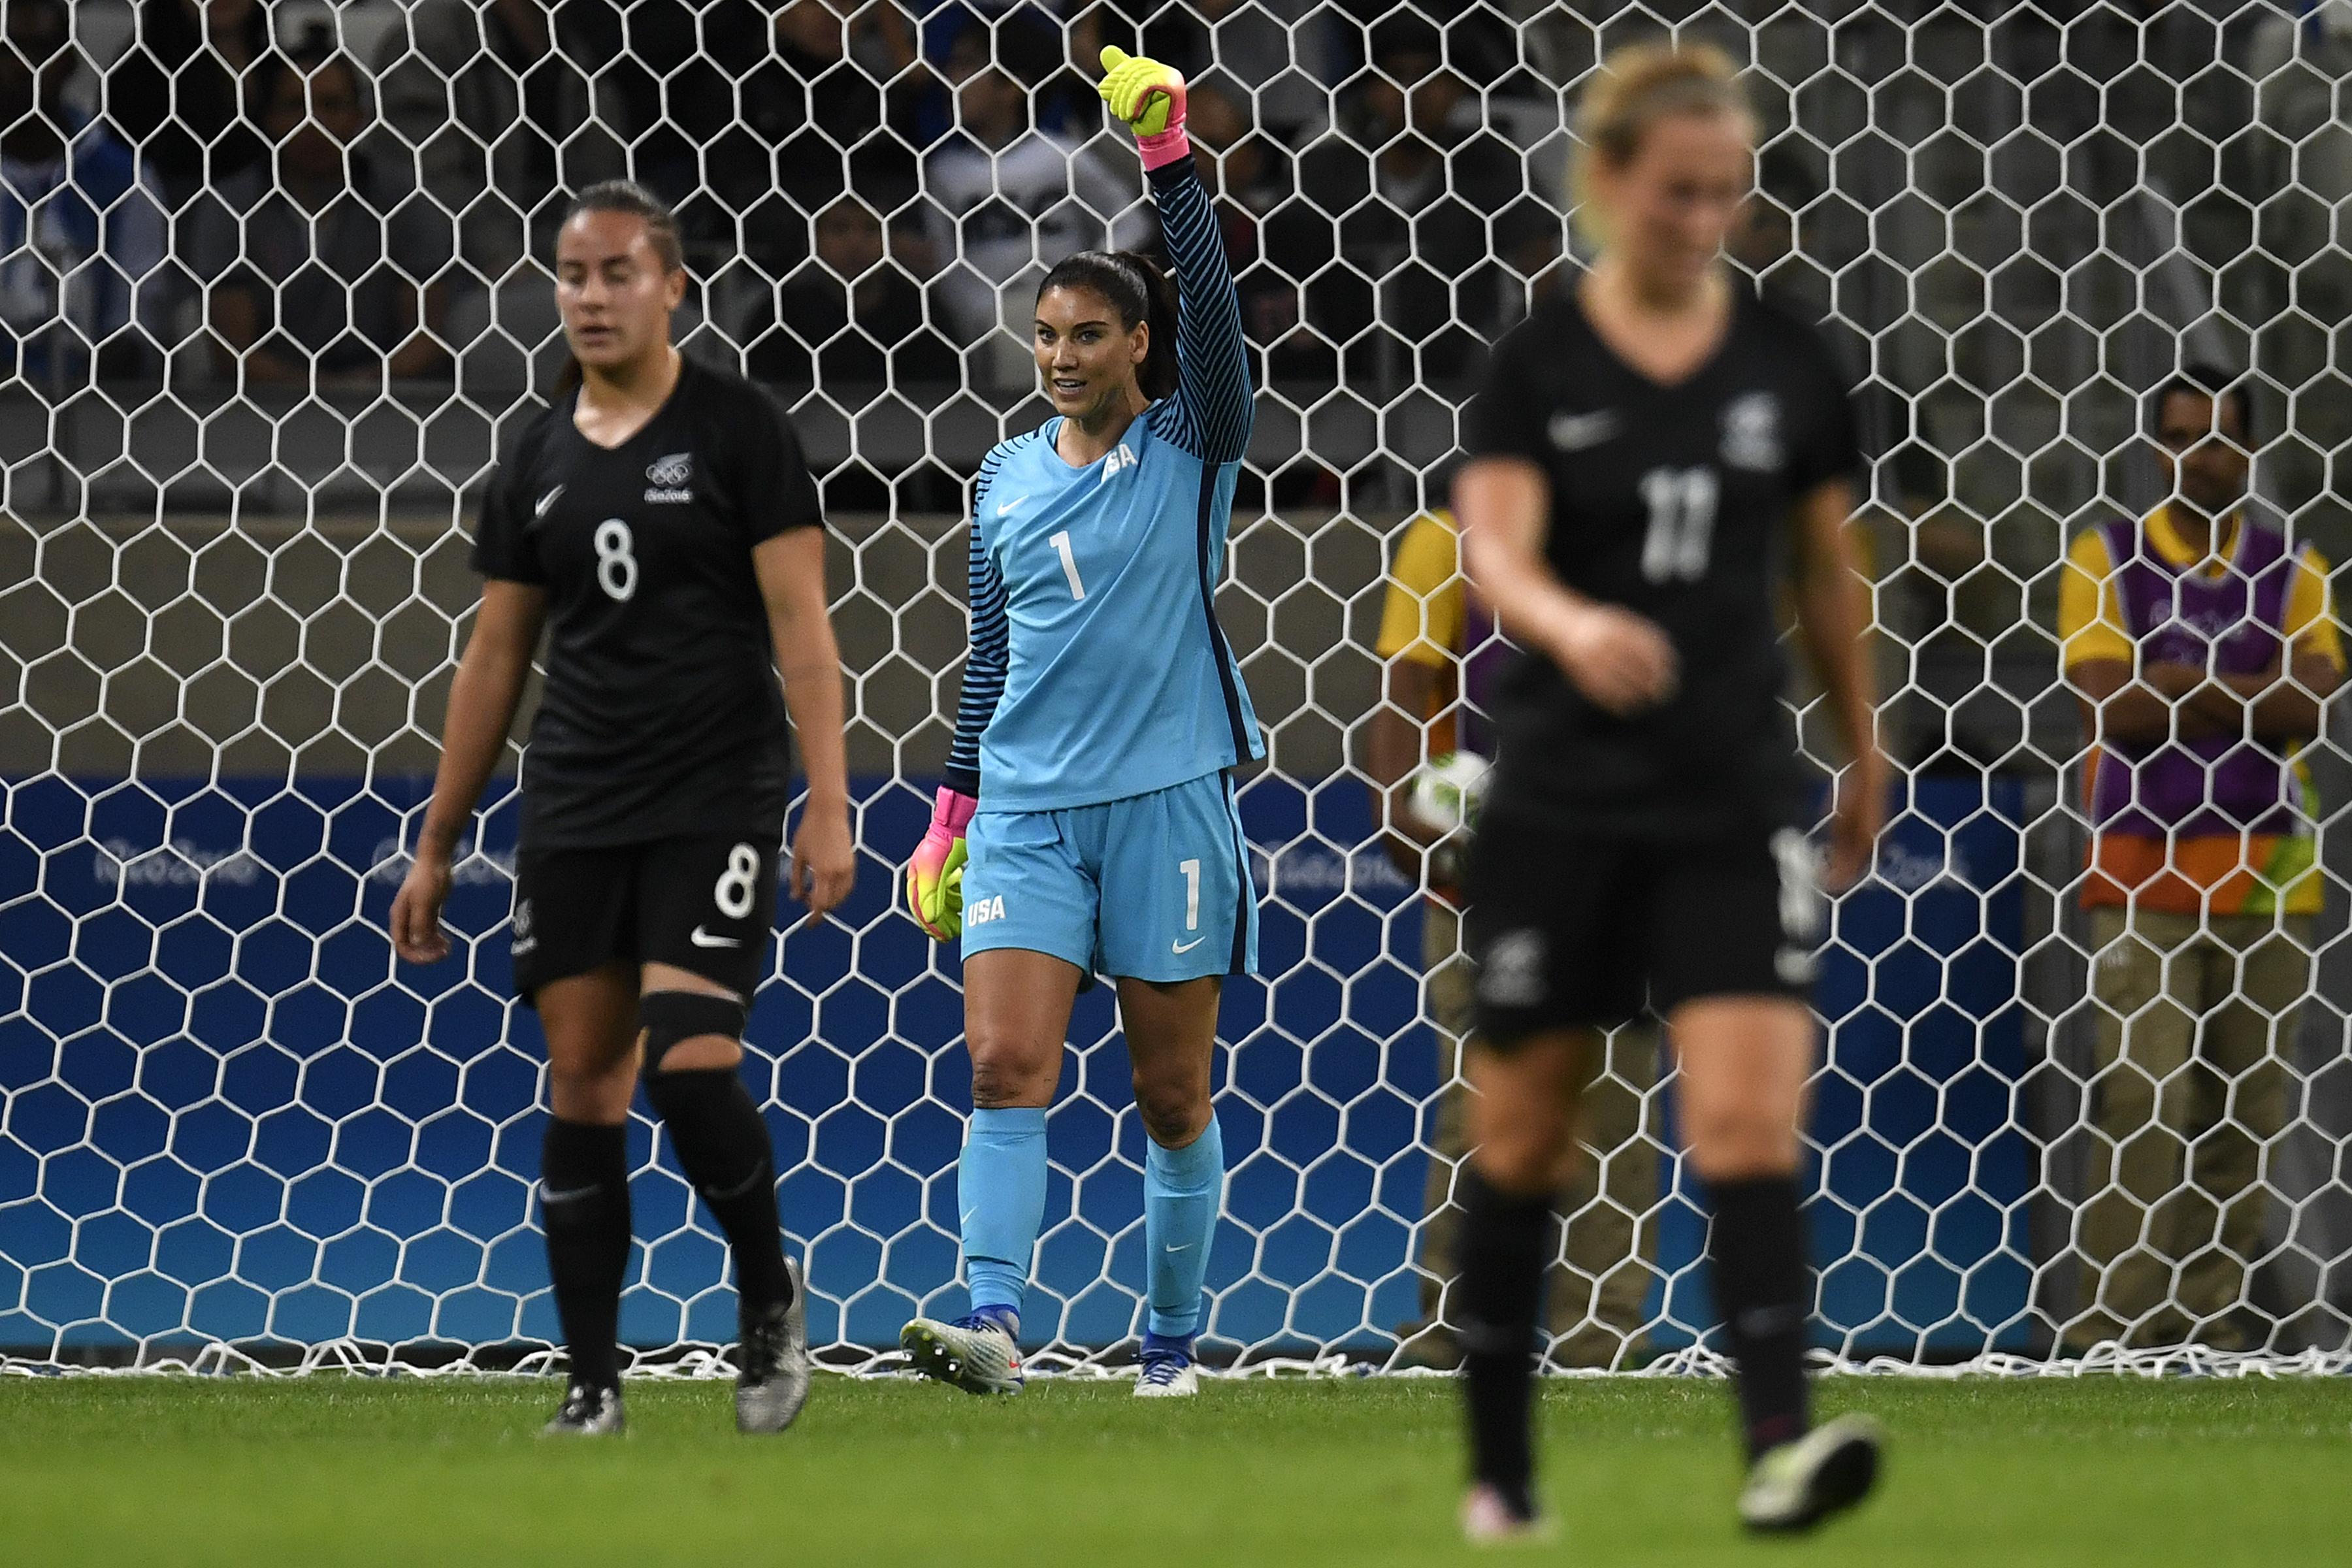 里约2016年奥运会,美国。vs新西兰,女子足球